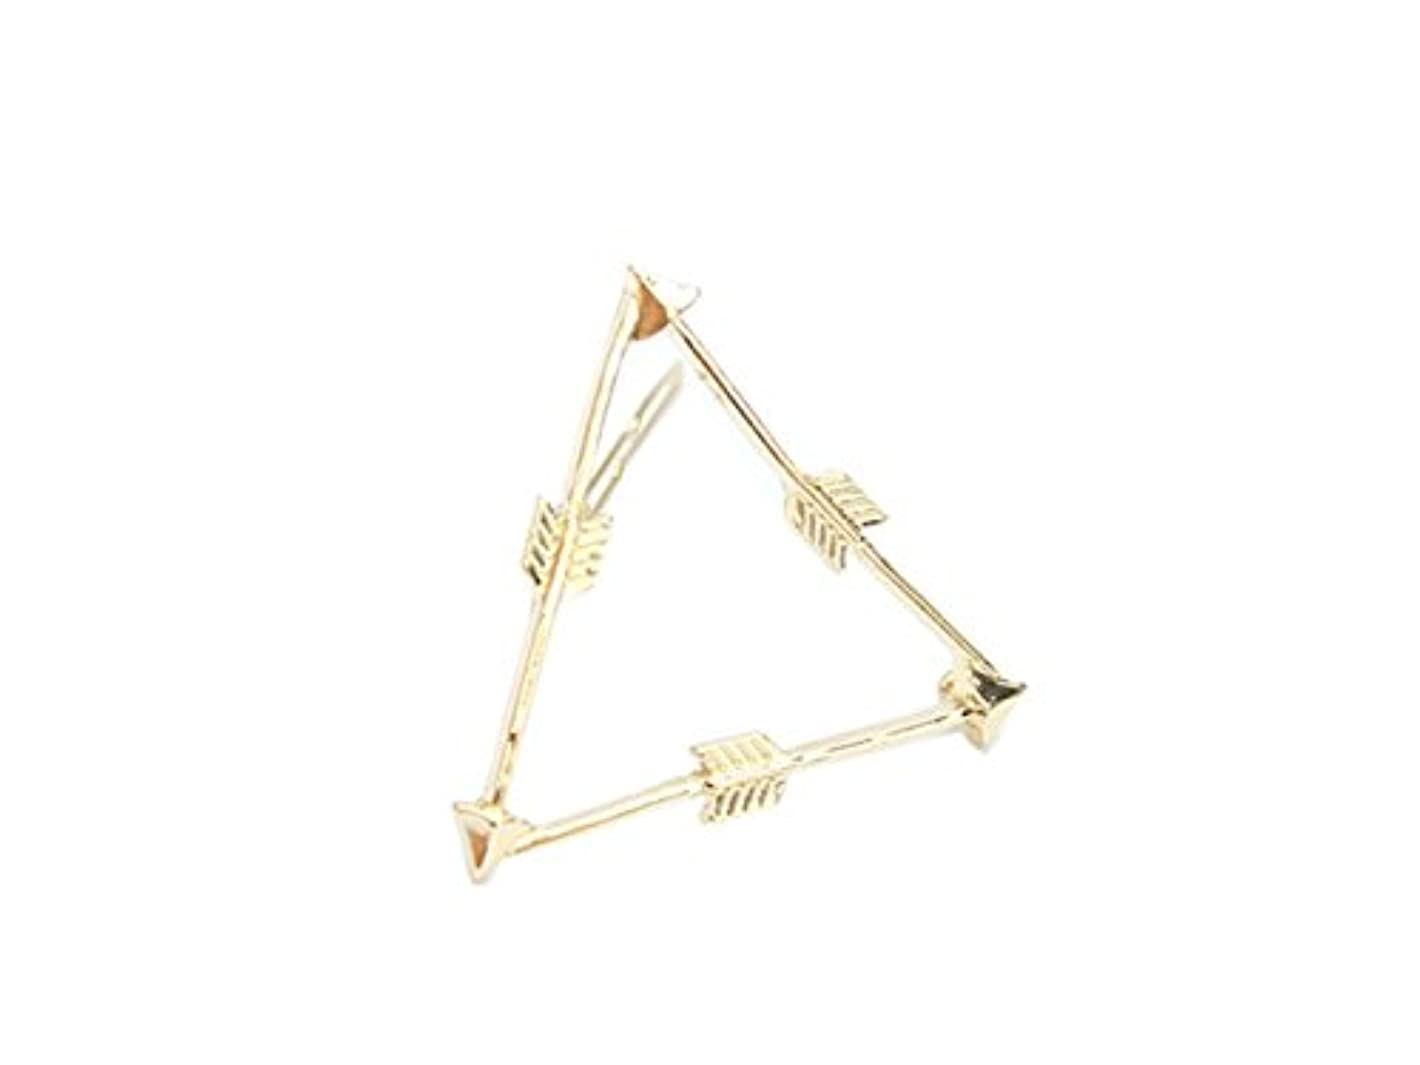 留まる包帯シルエットOsize 美しいスタイル 弓と矢トライアングルヘアクリップサイドクリップヘアピンヘアアクセサリー(図示)